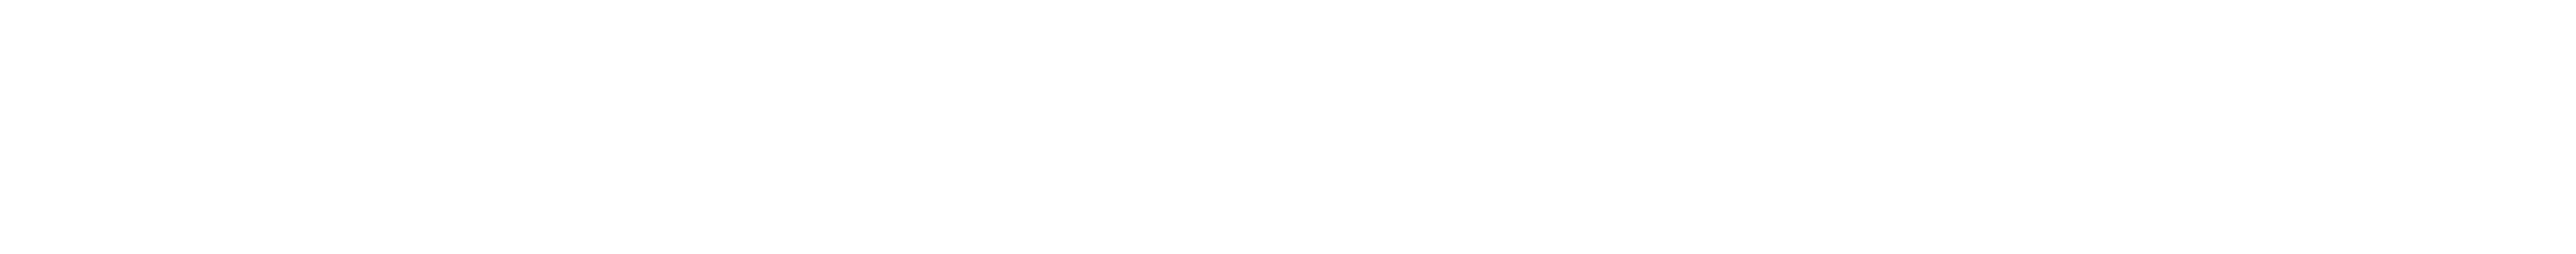 Louis 2020 branding final (2 white)